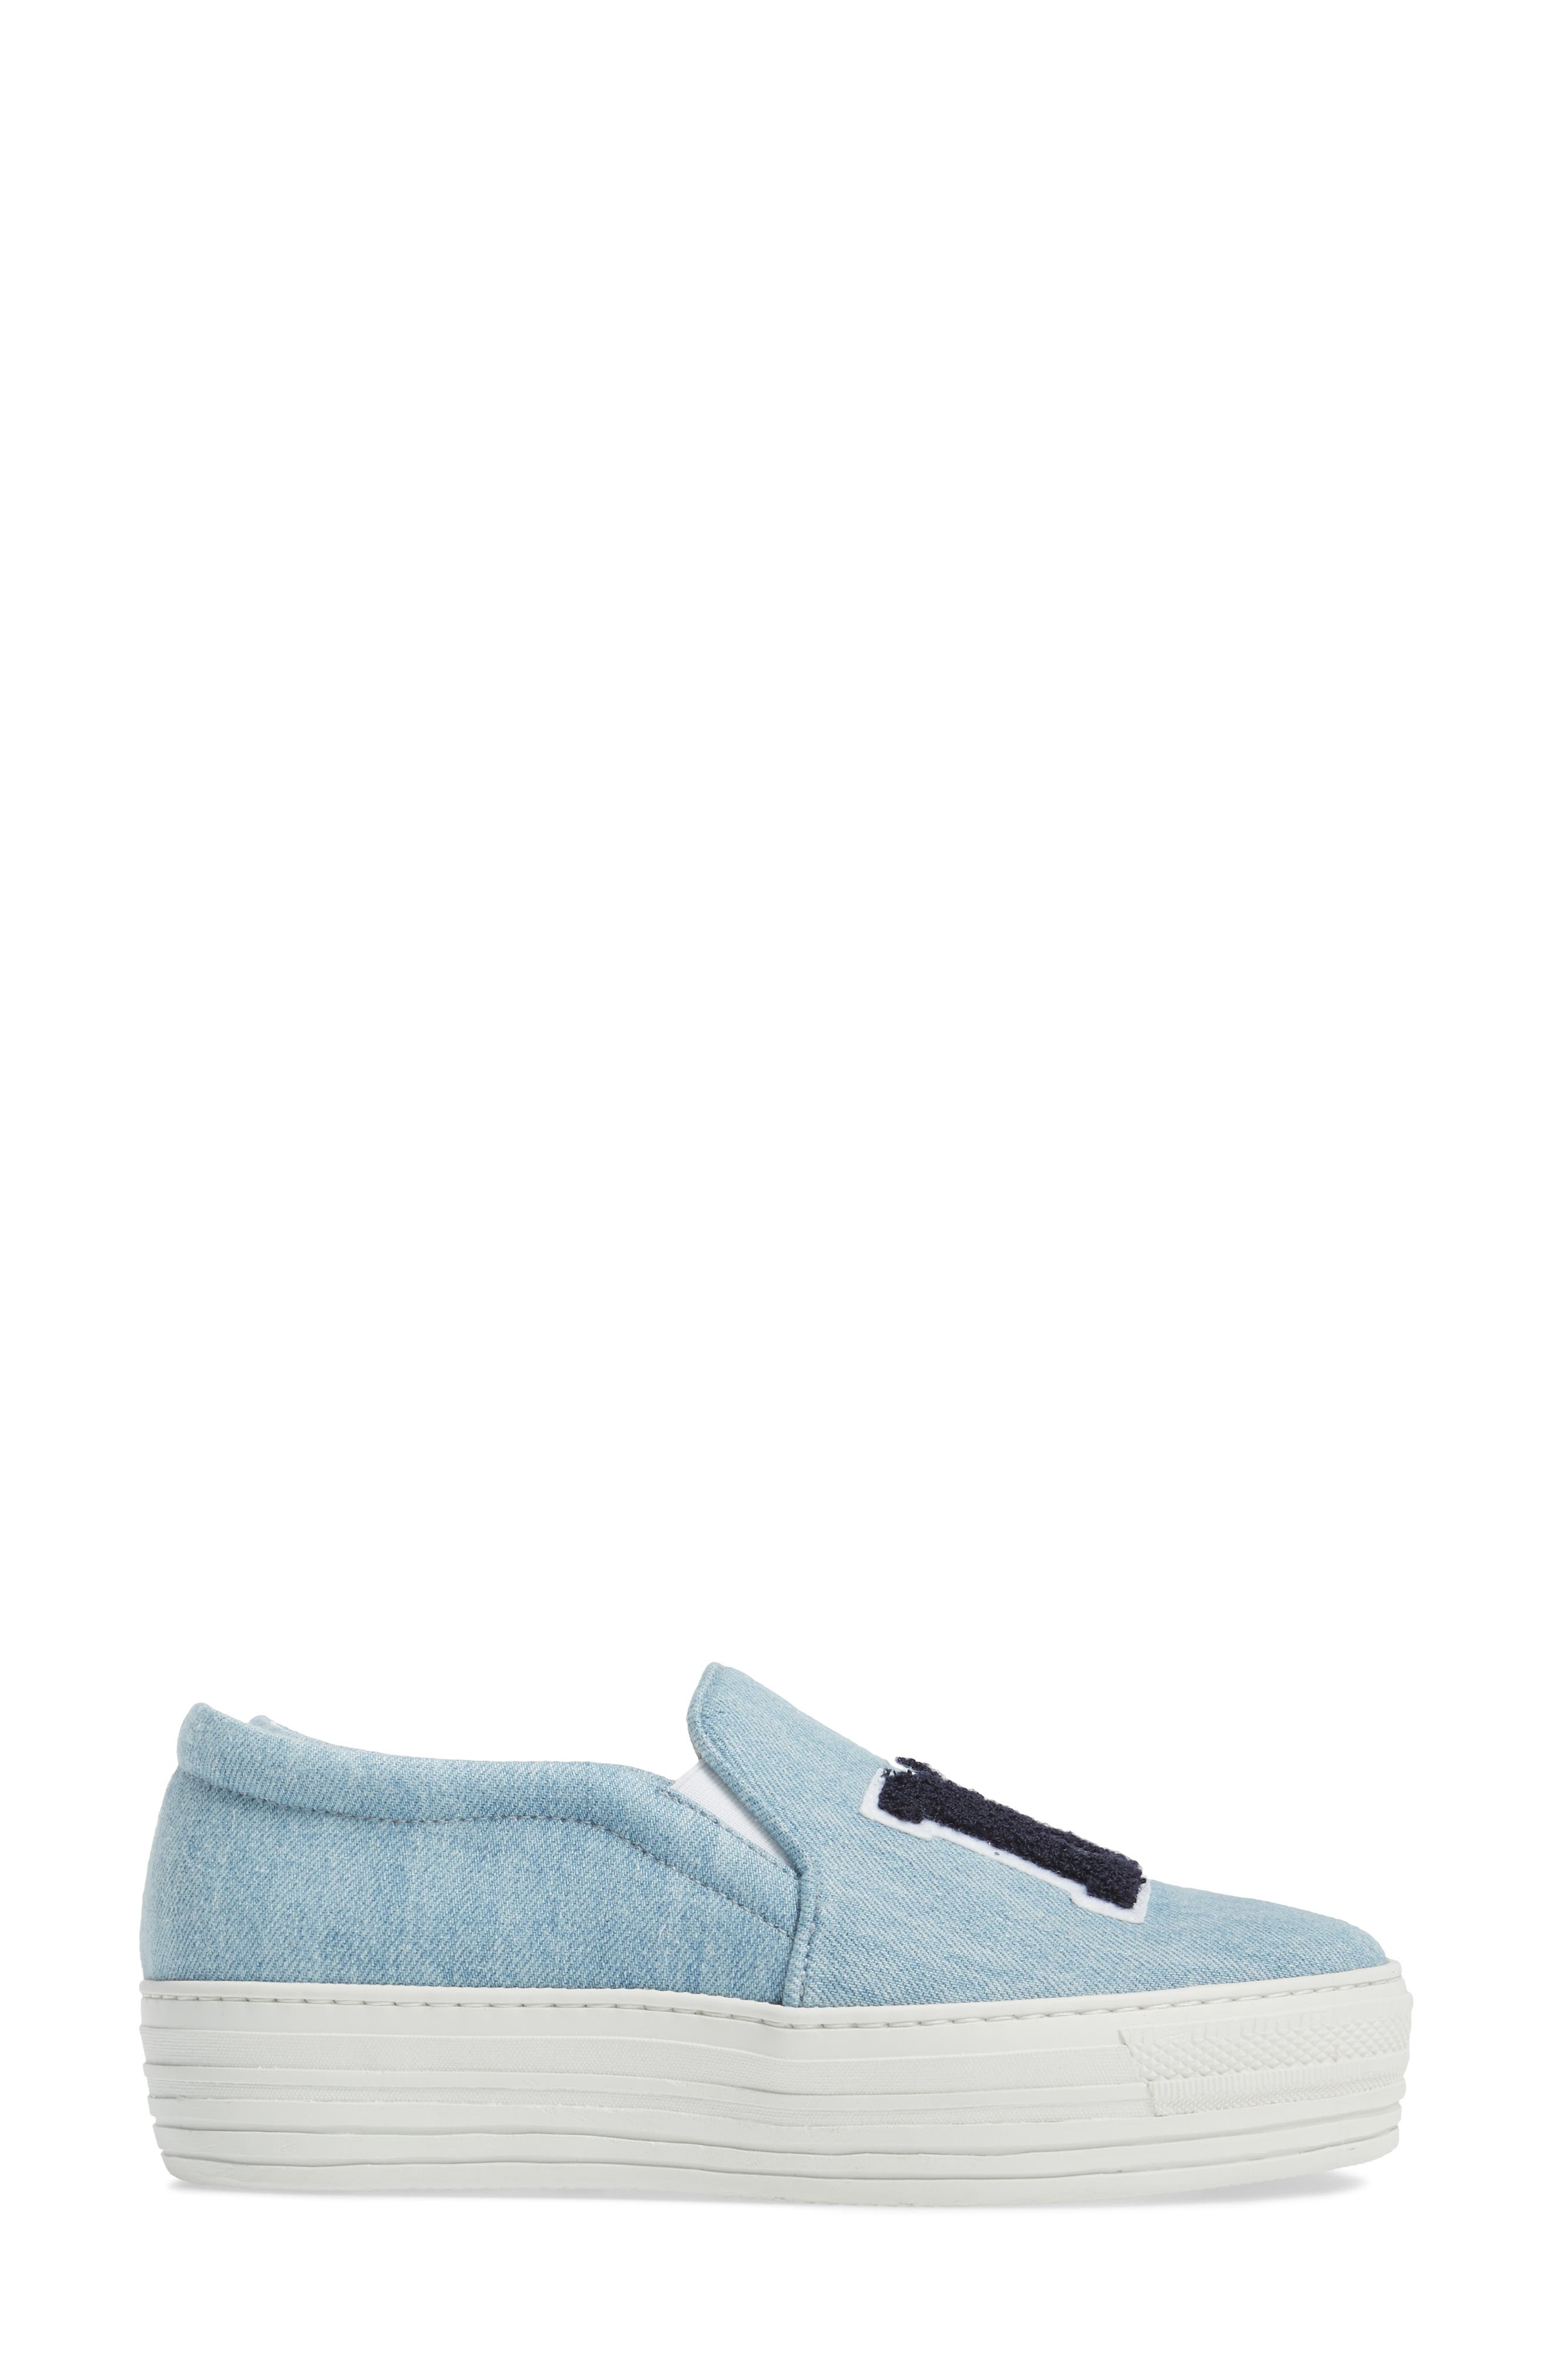 Slip-On Sneaker,                             Alternate thumbnail 4, color,                             Light Denim